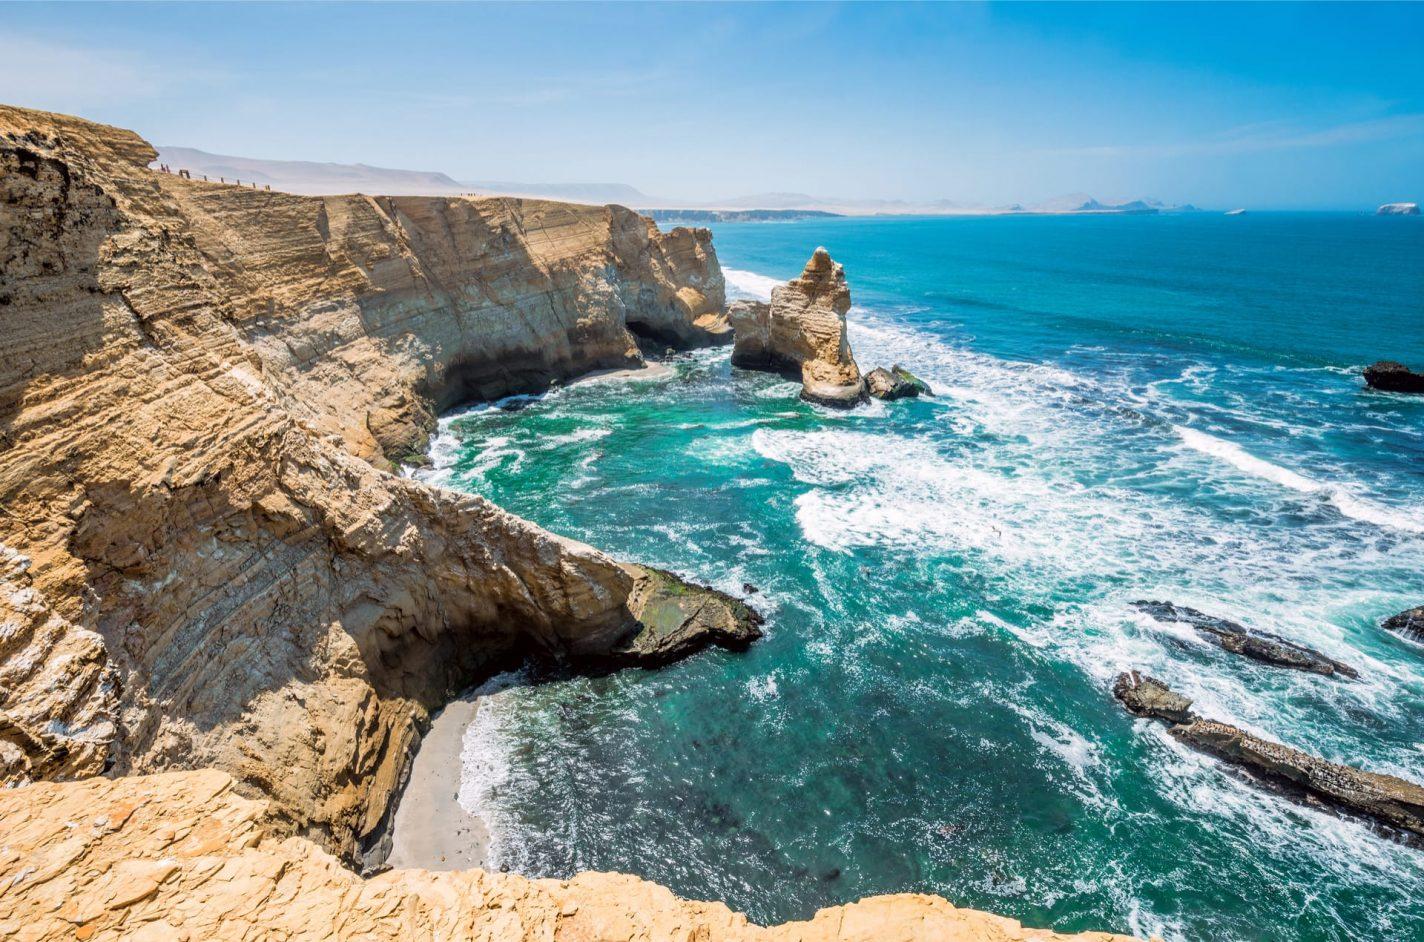 Natuurreservaat Paracas